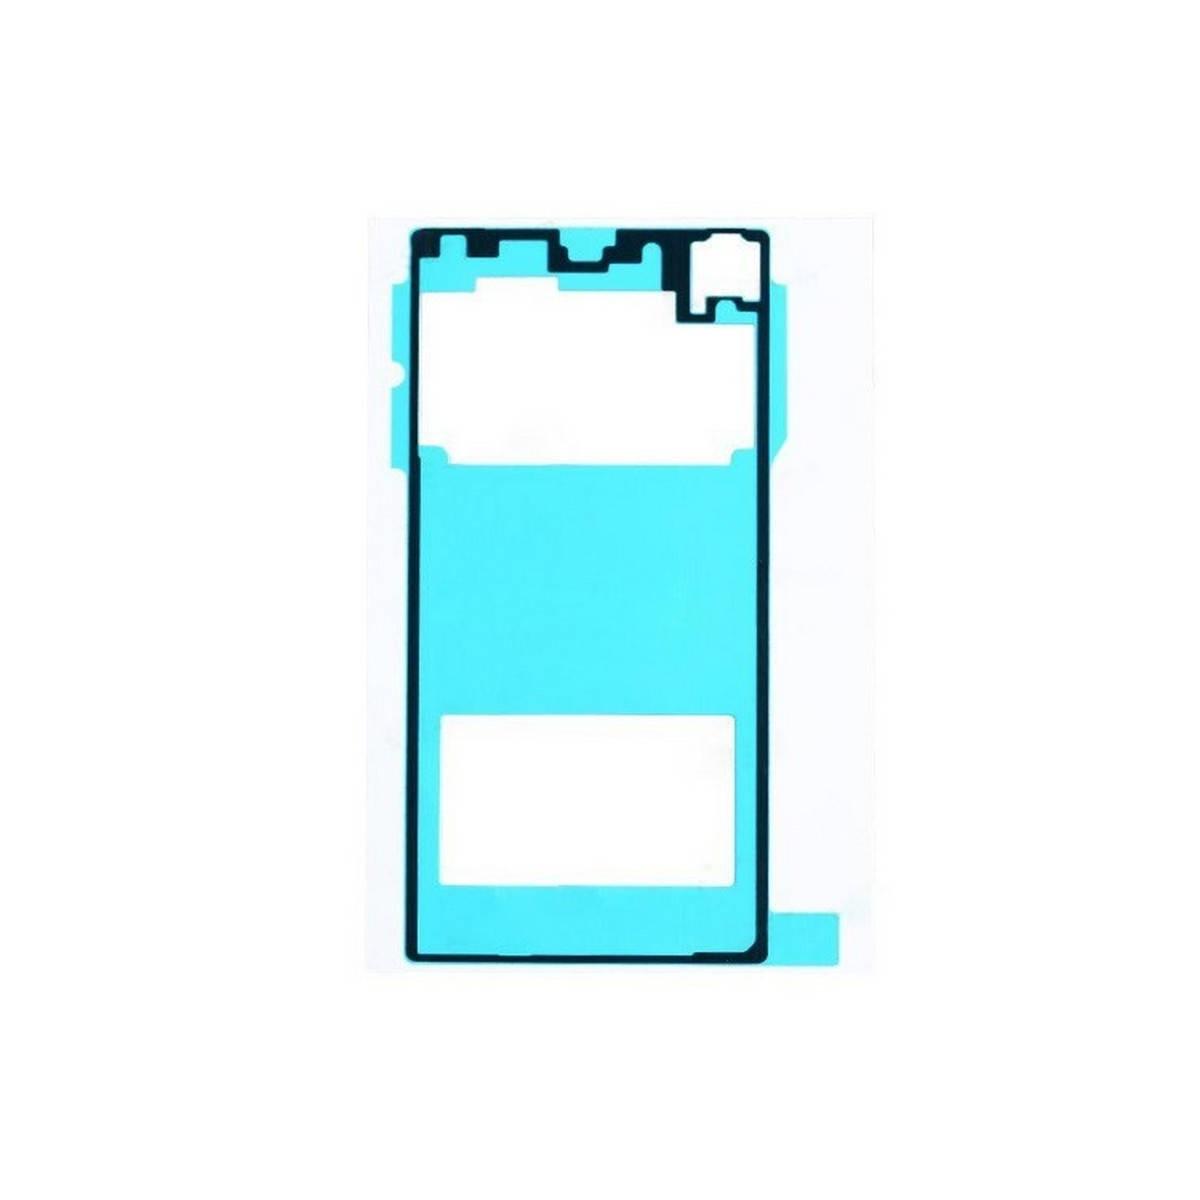 Adhesivo de carcasa trasera, tapa de batería para Sony Xperia Z1